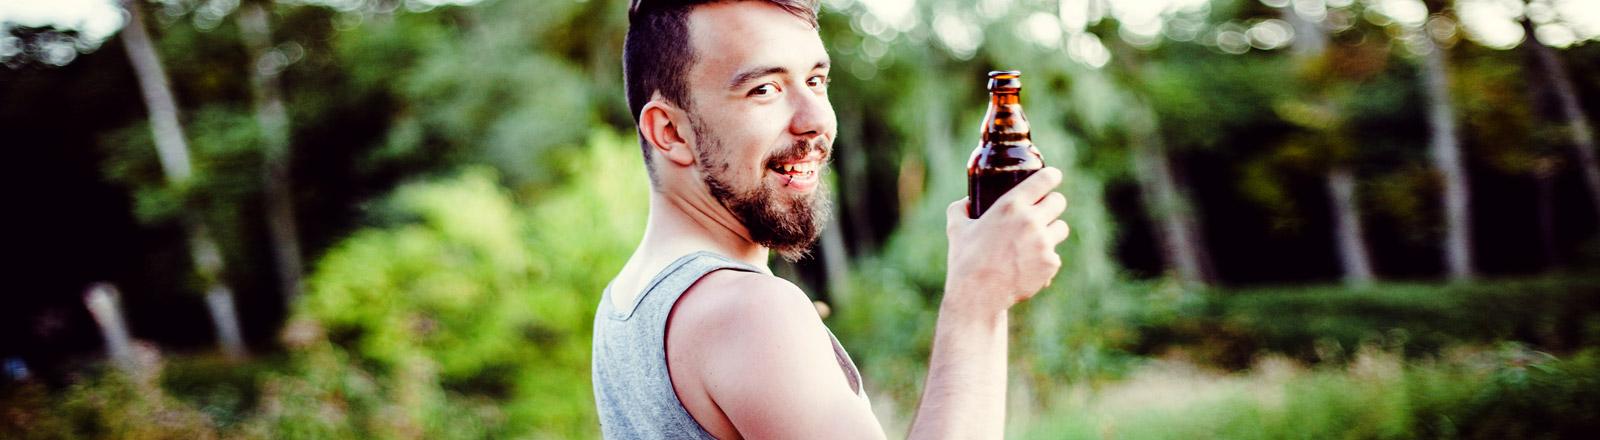 Ein Mann mit einer Flasche Bier in der Hand